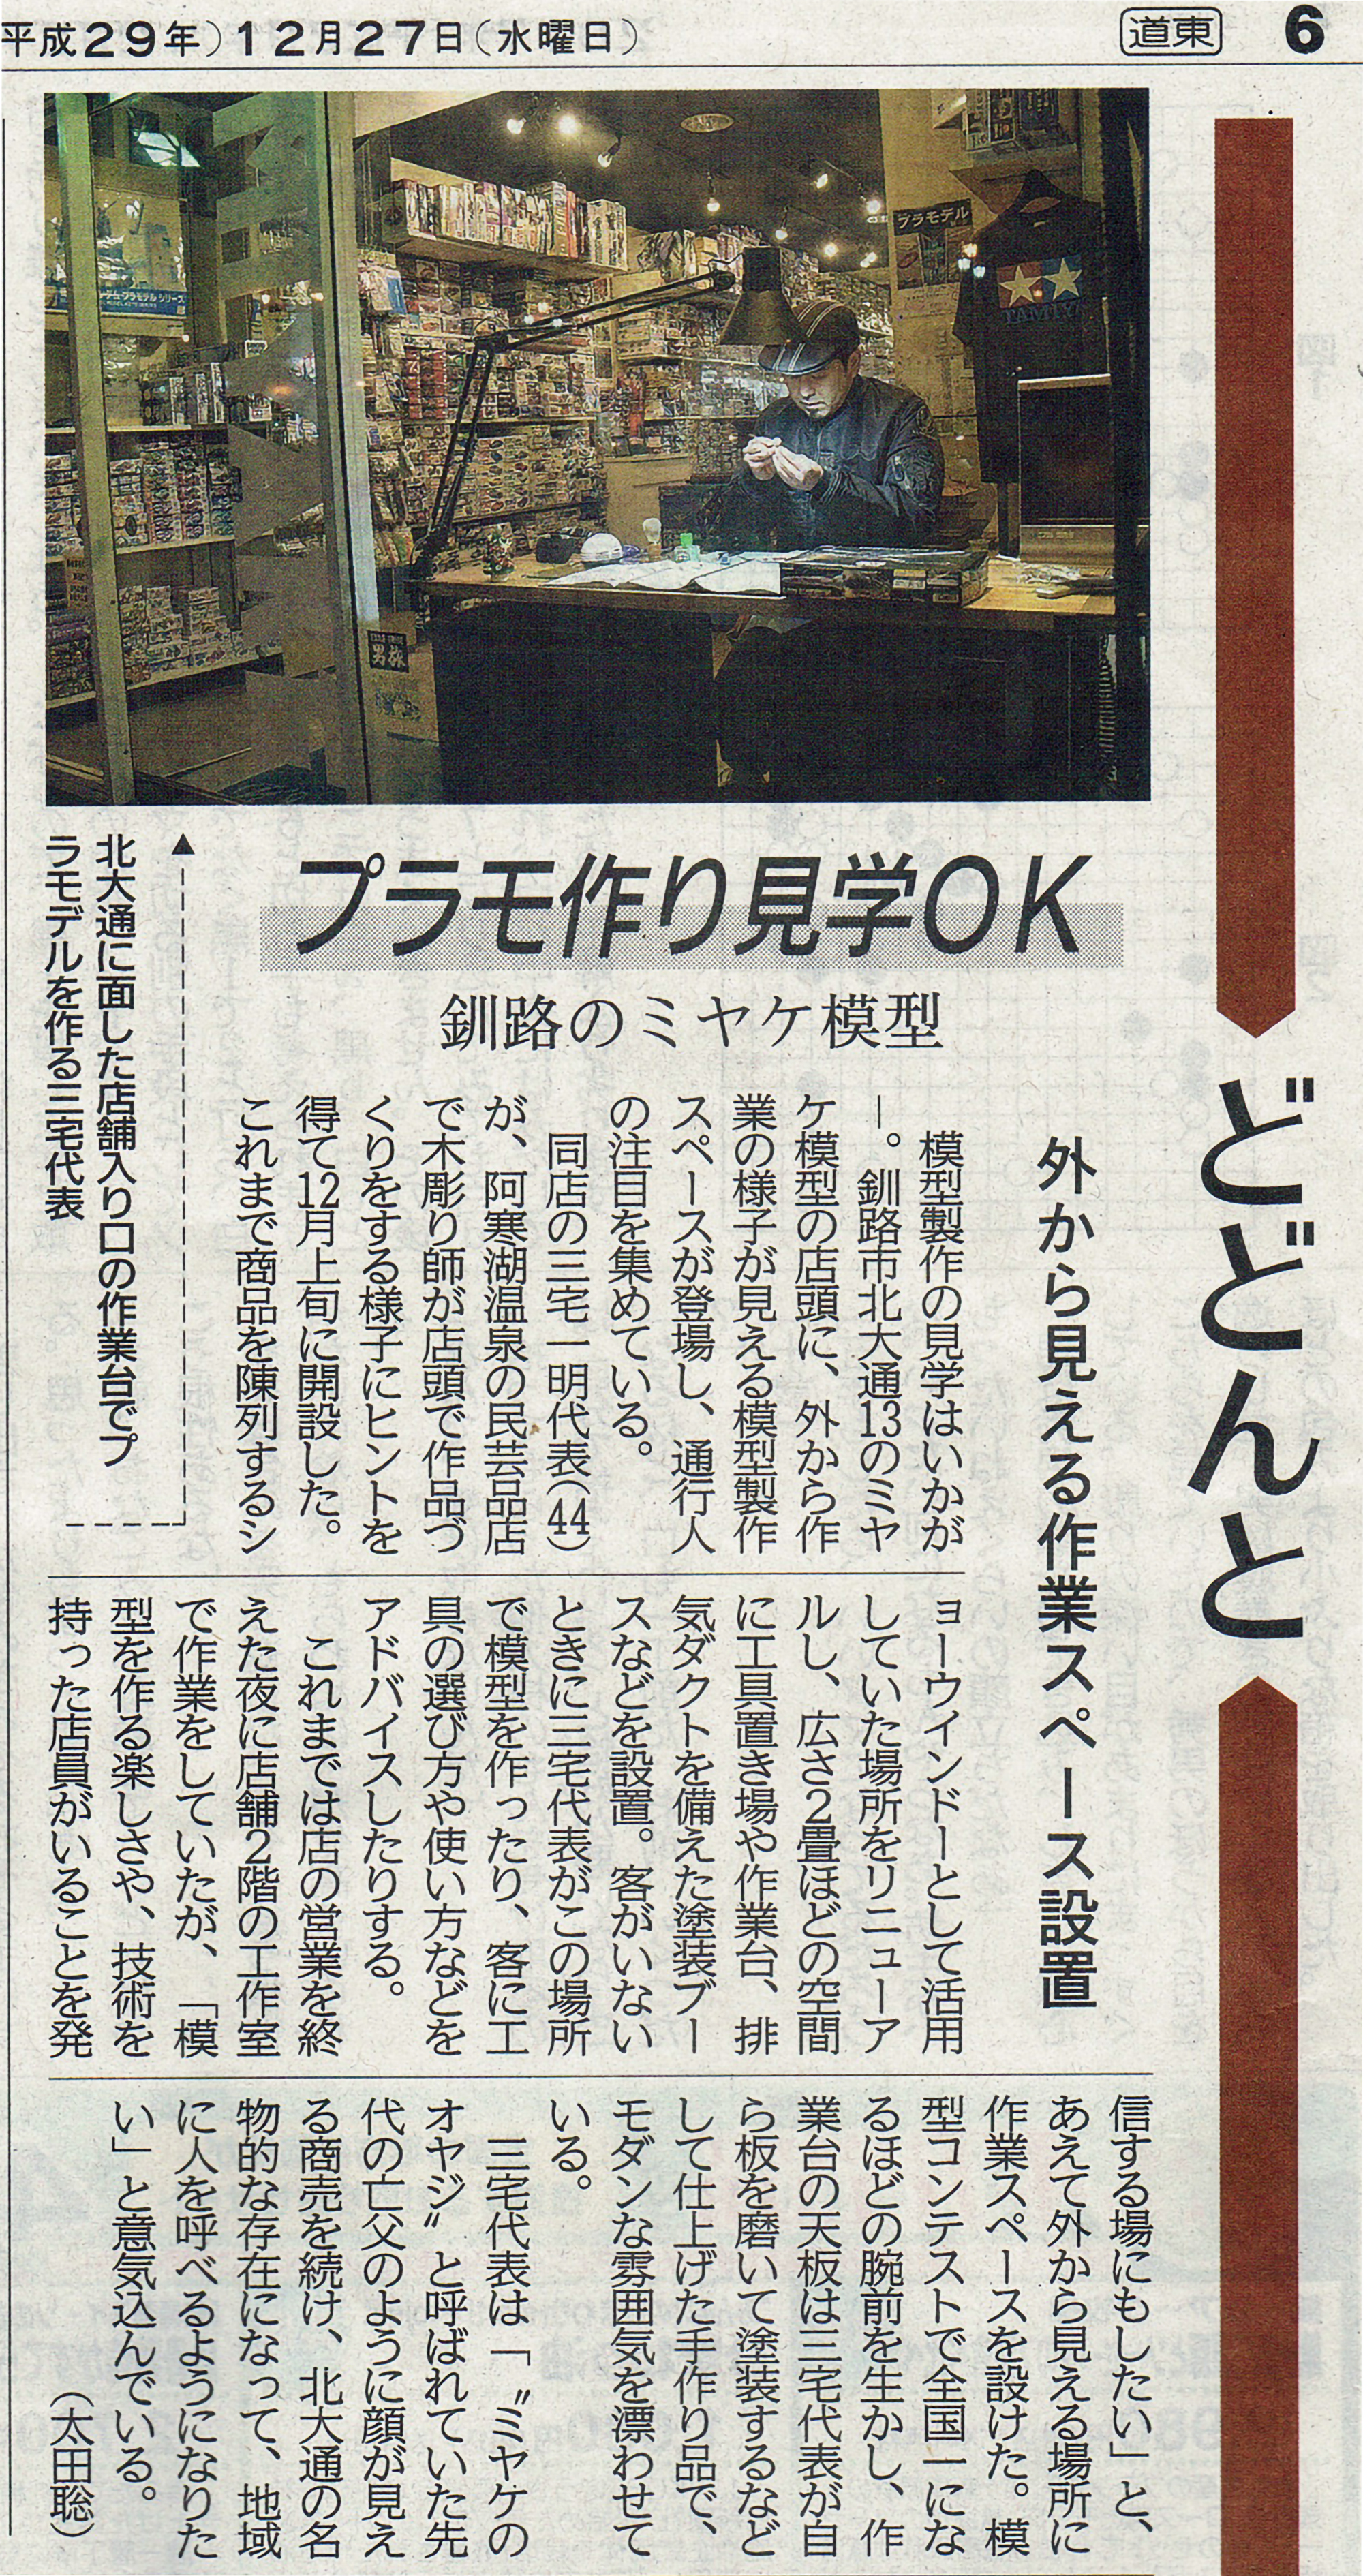 2017-12-27北海道新聞夕刊